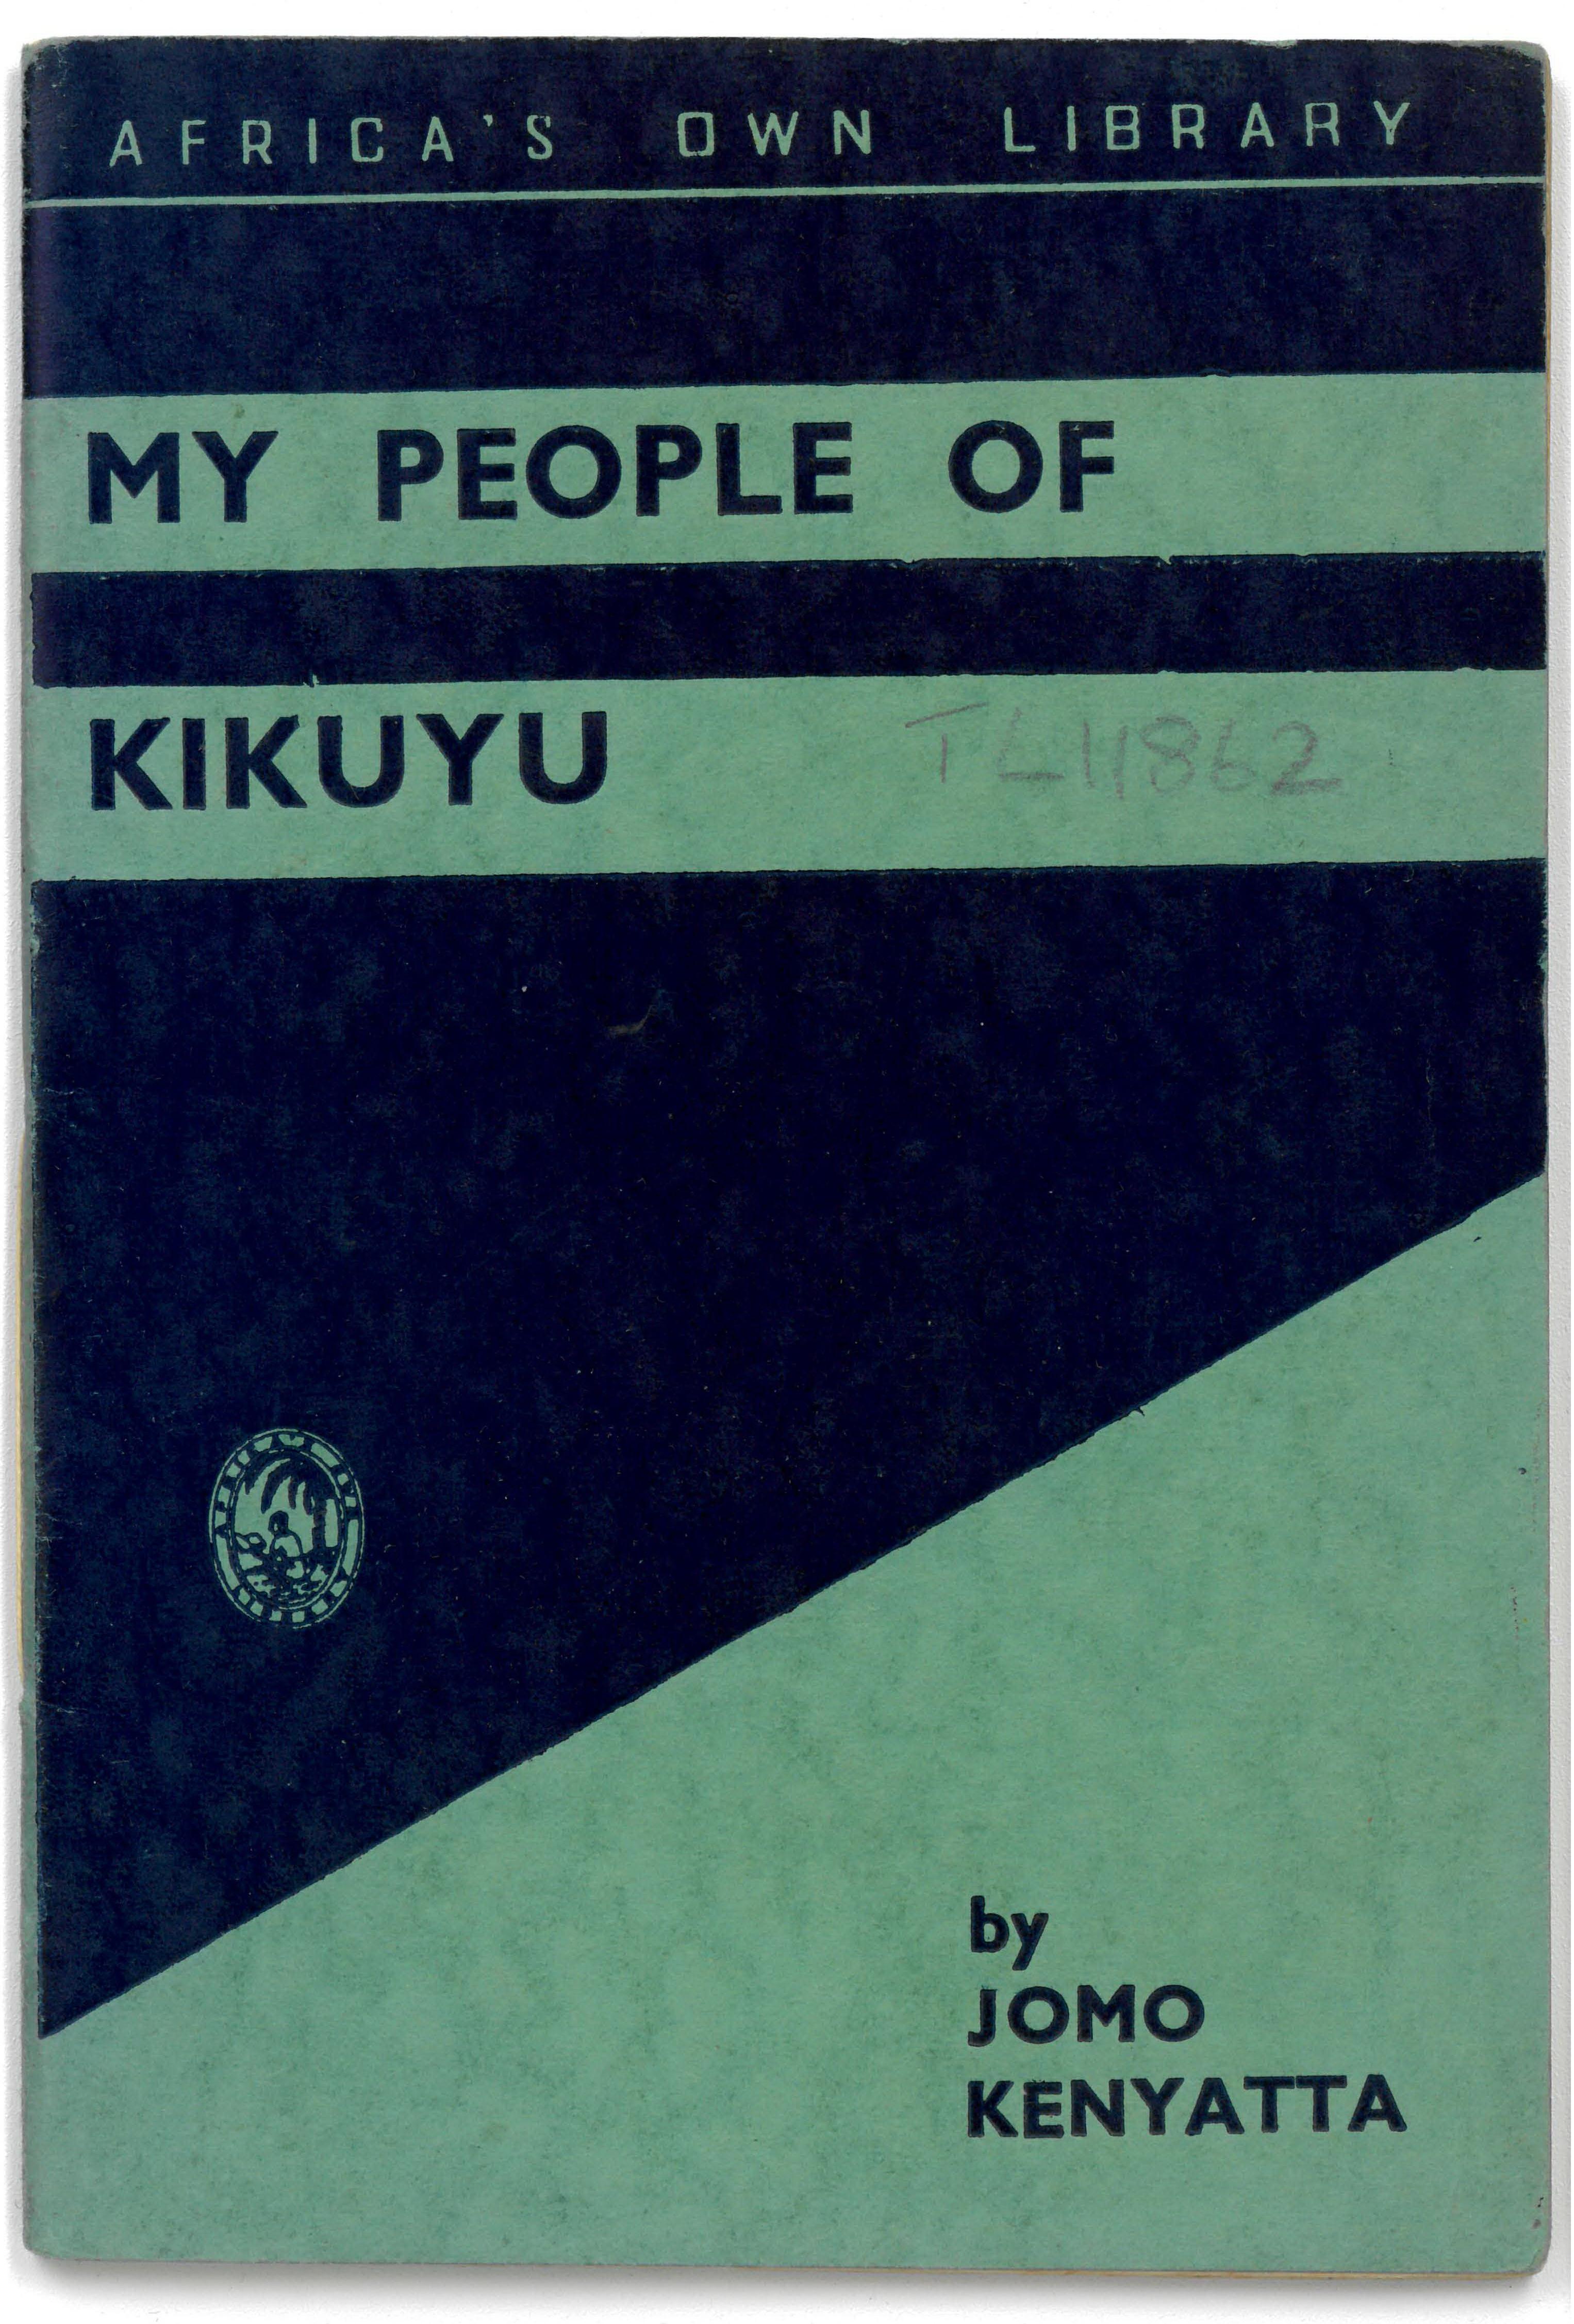 Book by JomoKenyatta